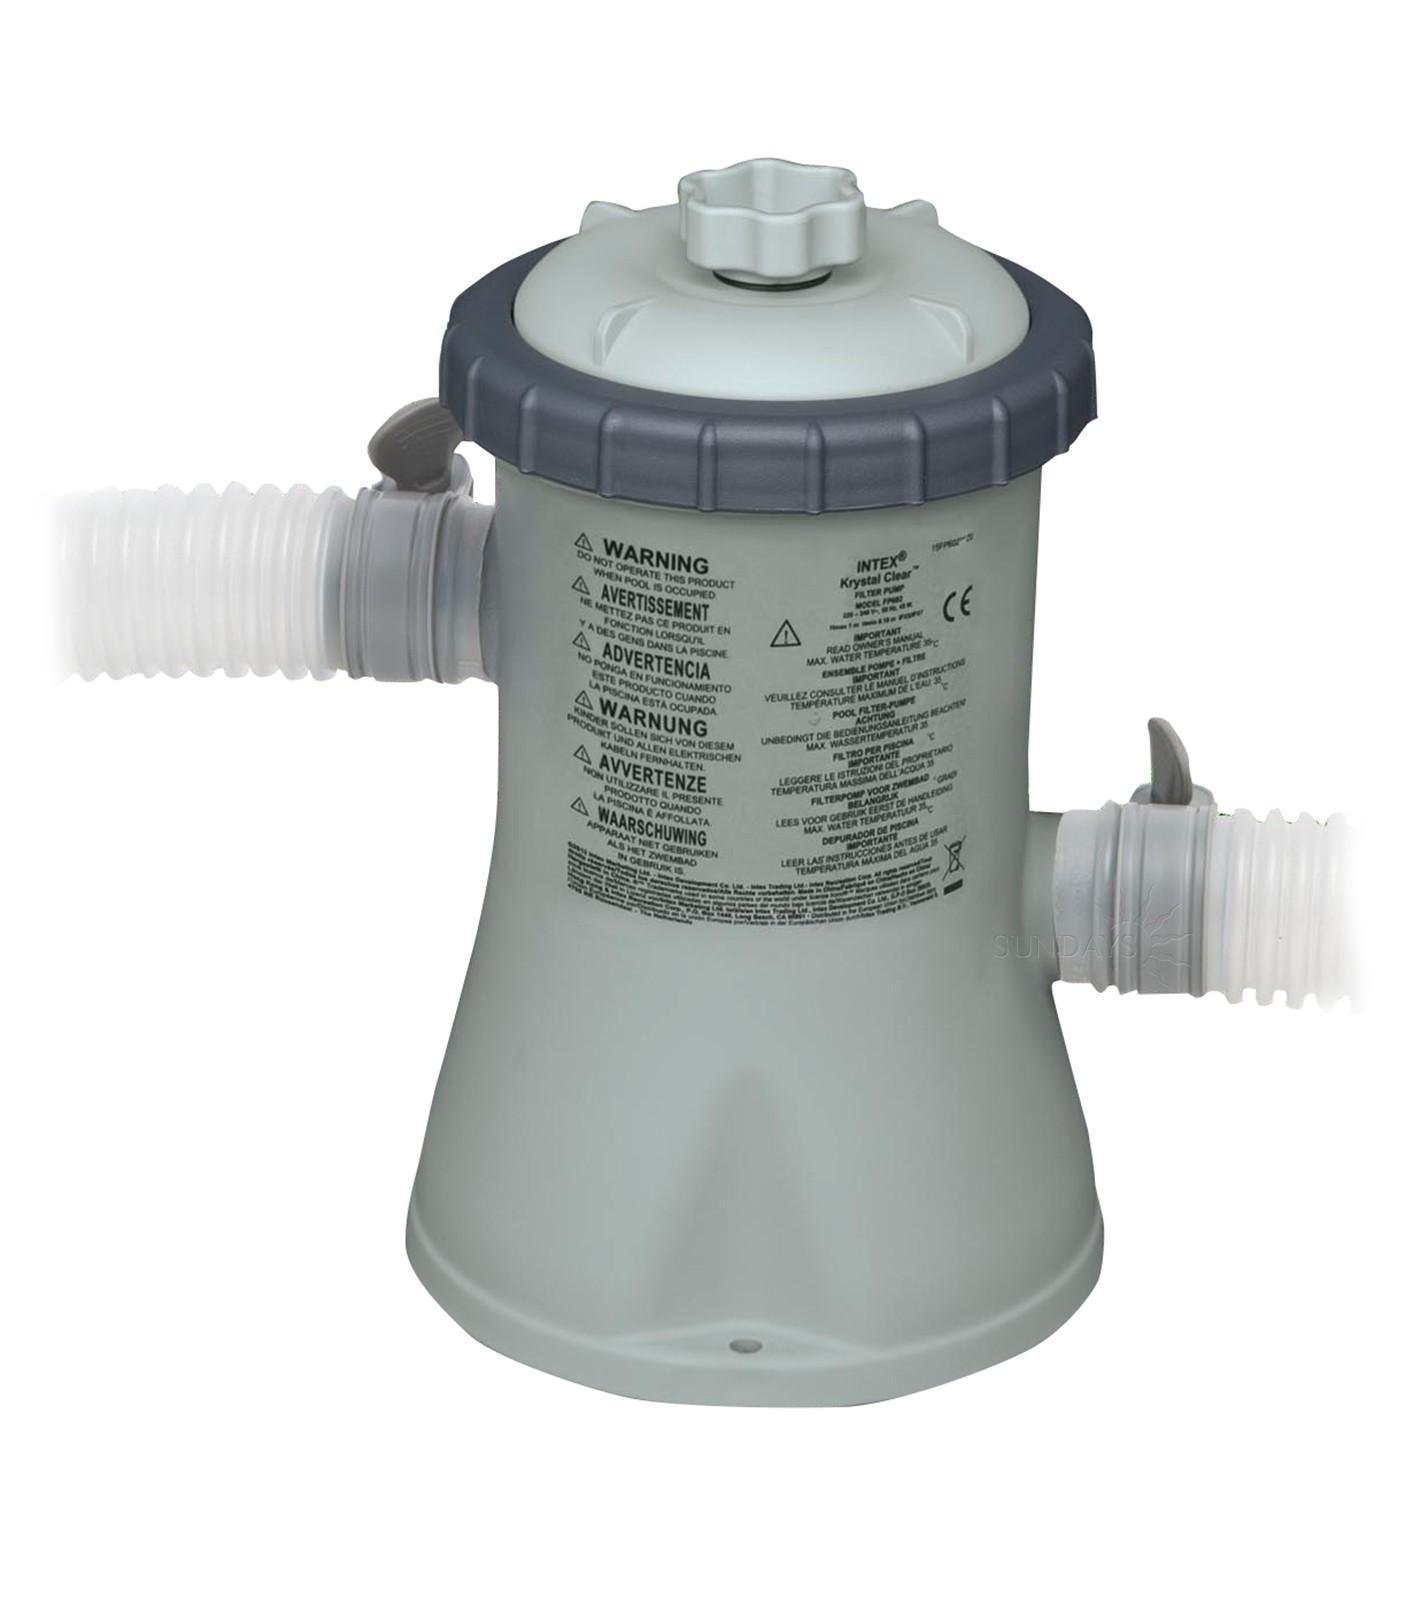 Pompa filtro a cartuccia intex 28602 ferramenta centro italia - Pompa piscina intex ...